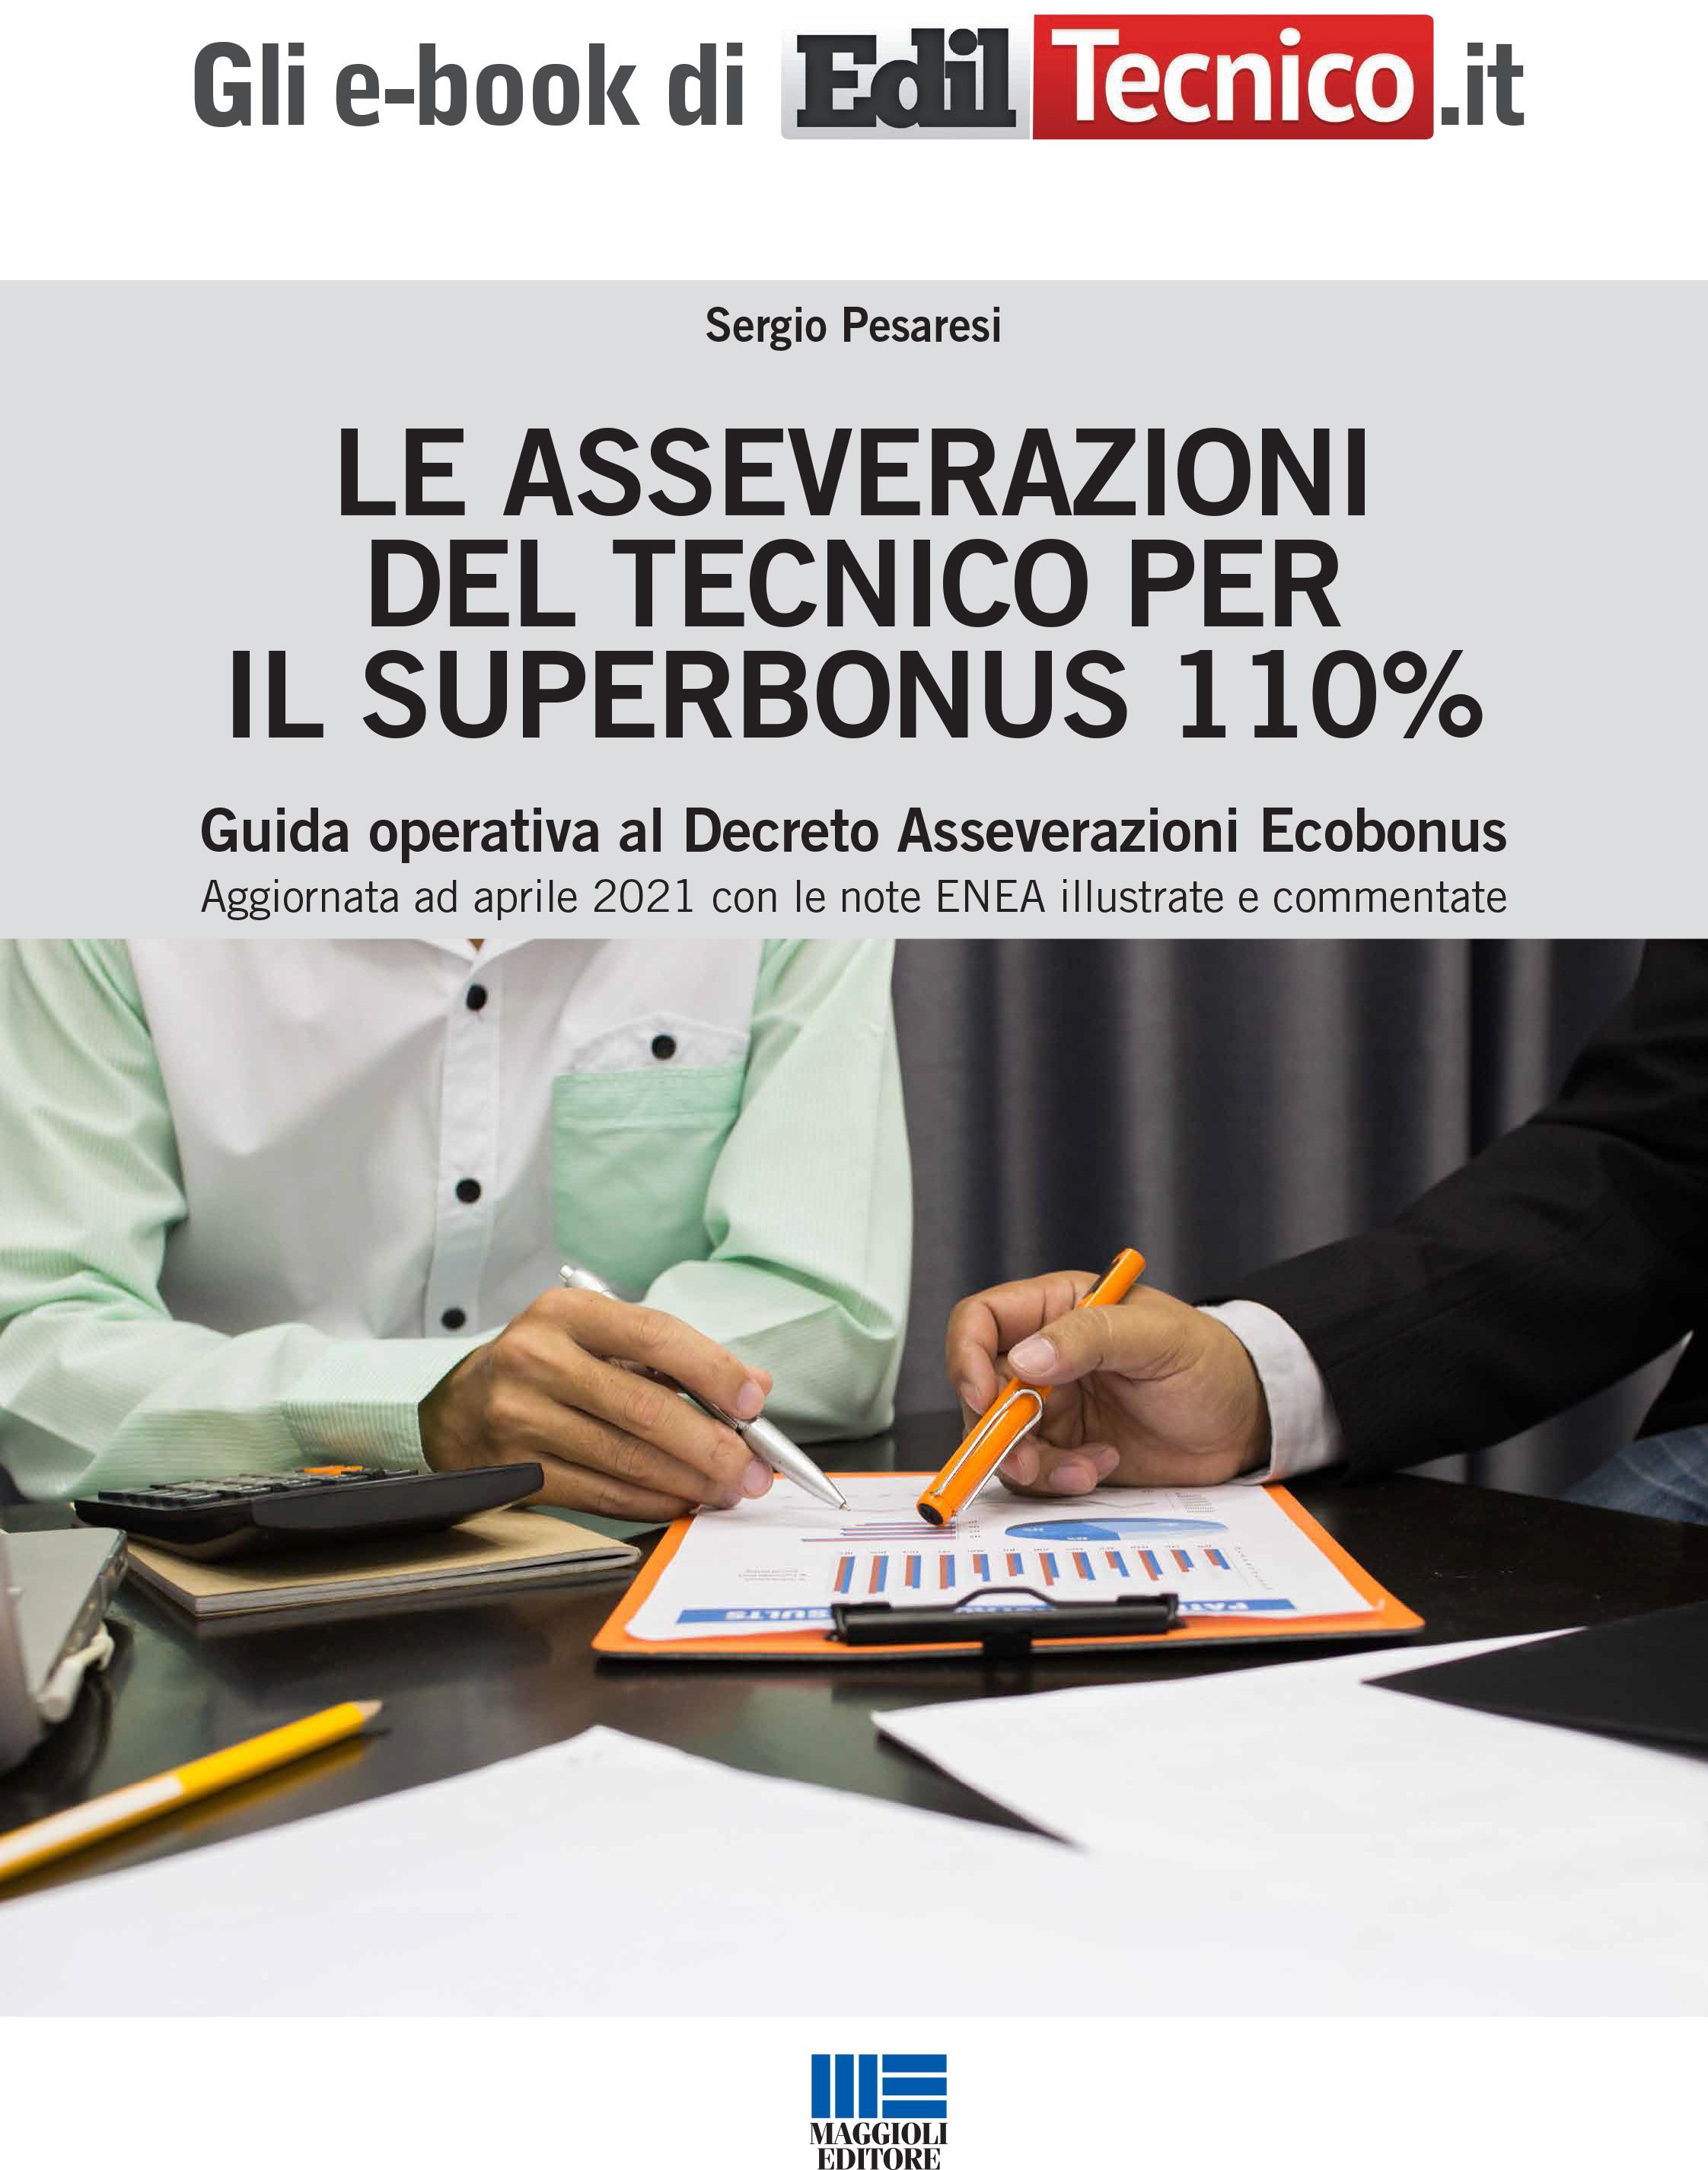 Le asseverazioni del Tecnico per il Superbonus 110% - e-Book in pdf